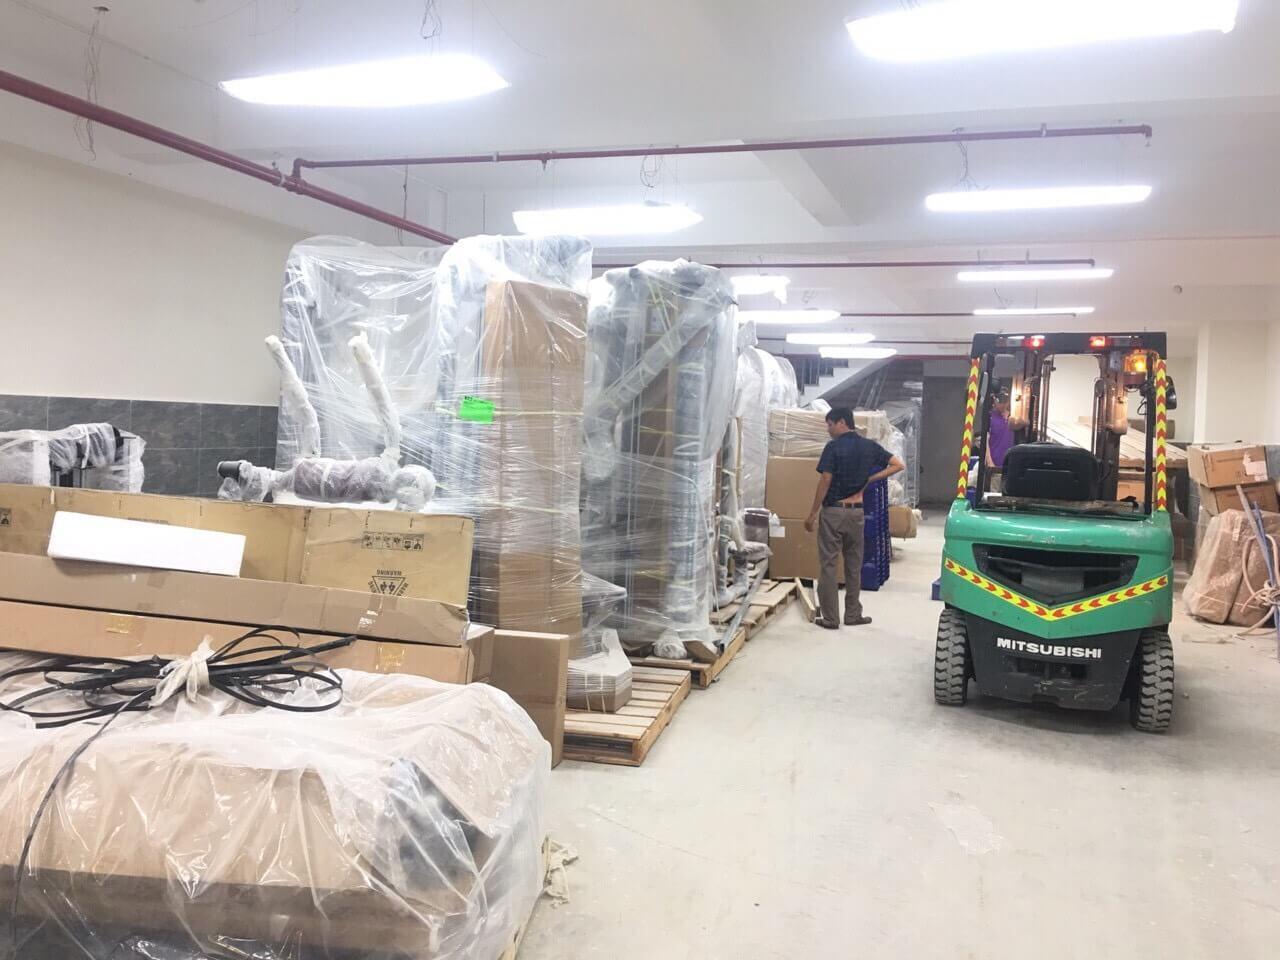 Dịch vụ chuyển kho xưởng tại Tphcm nhanh chóng, siêu tiết kiệm